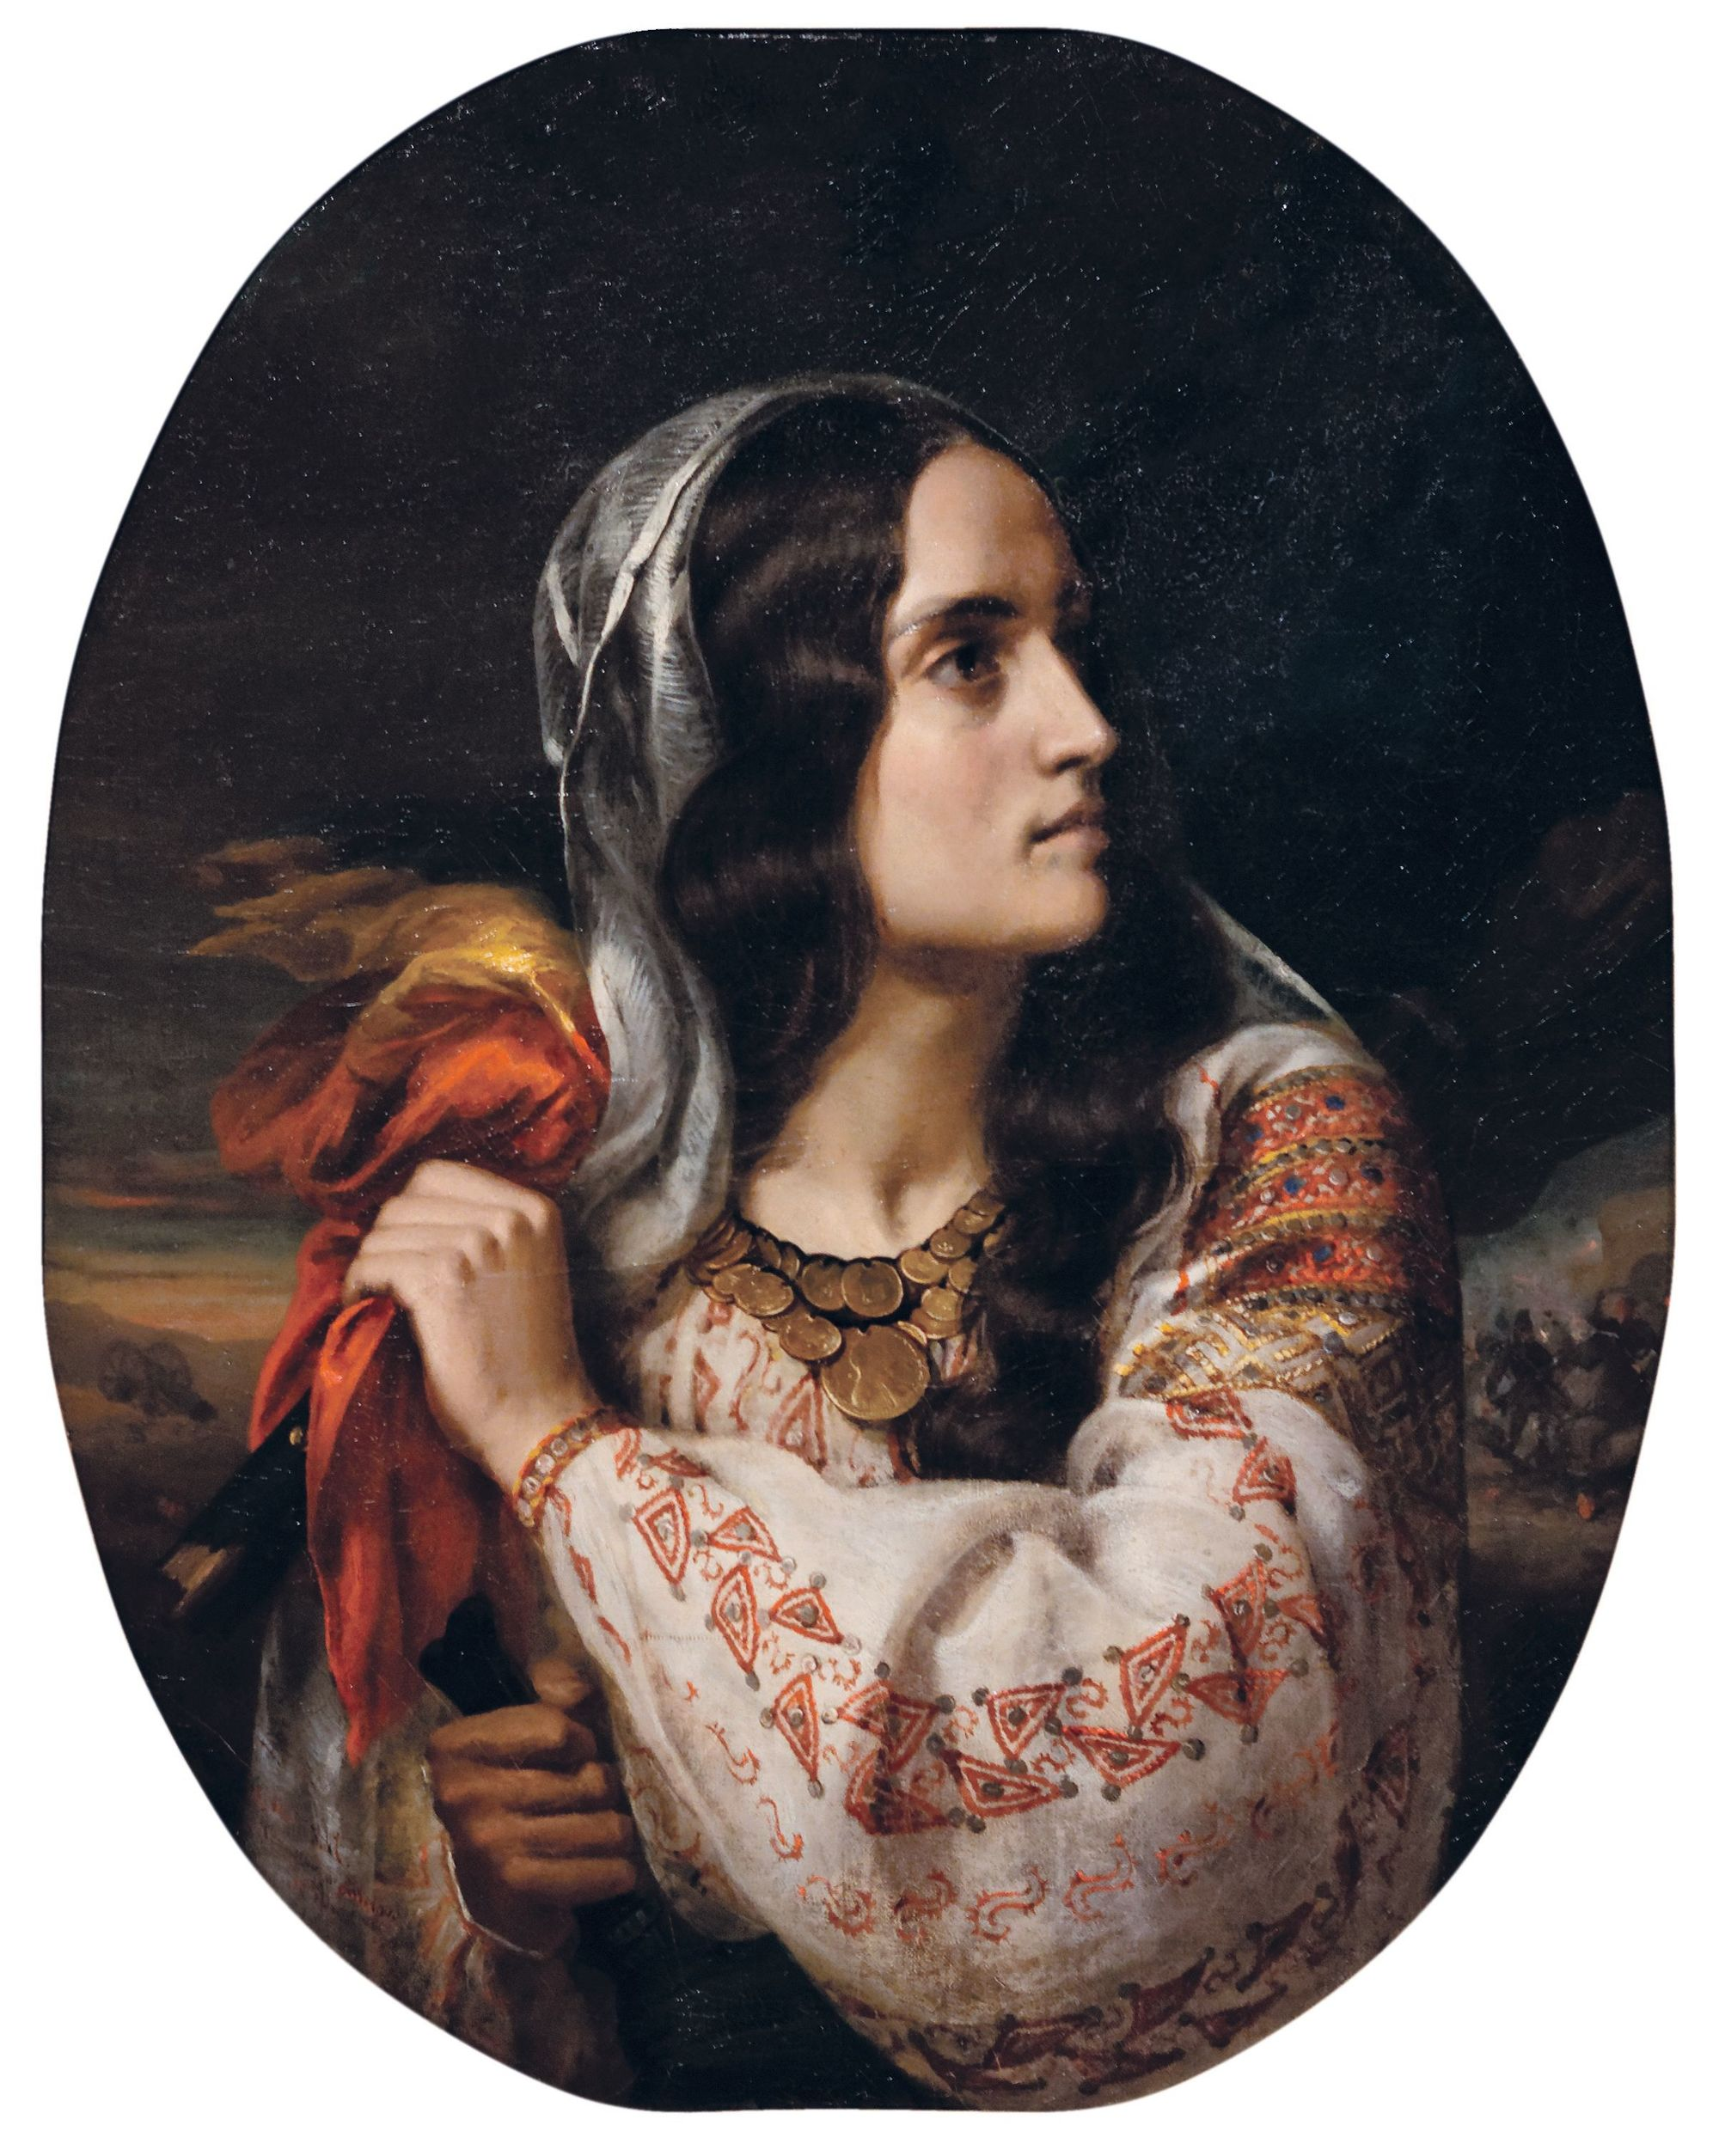 Constantin Daniel Rosenthal, Allégorie de la Roumanie, 1848, huile sur toile, 78,5 x 63,5 cm, musée national d'Art de Roumanie, Bucarest.